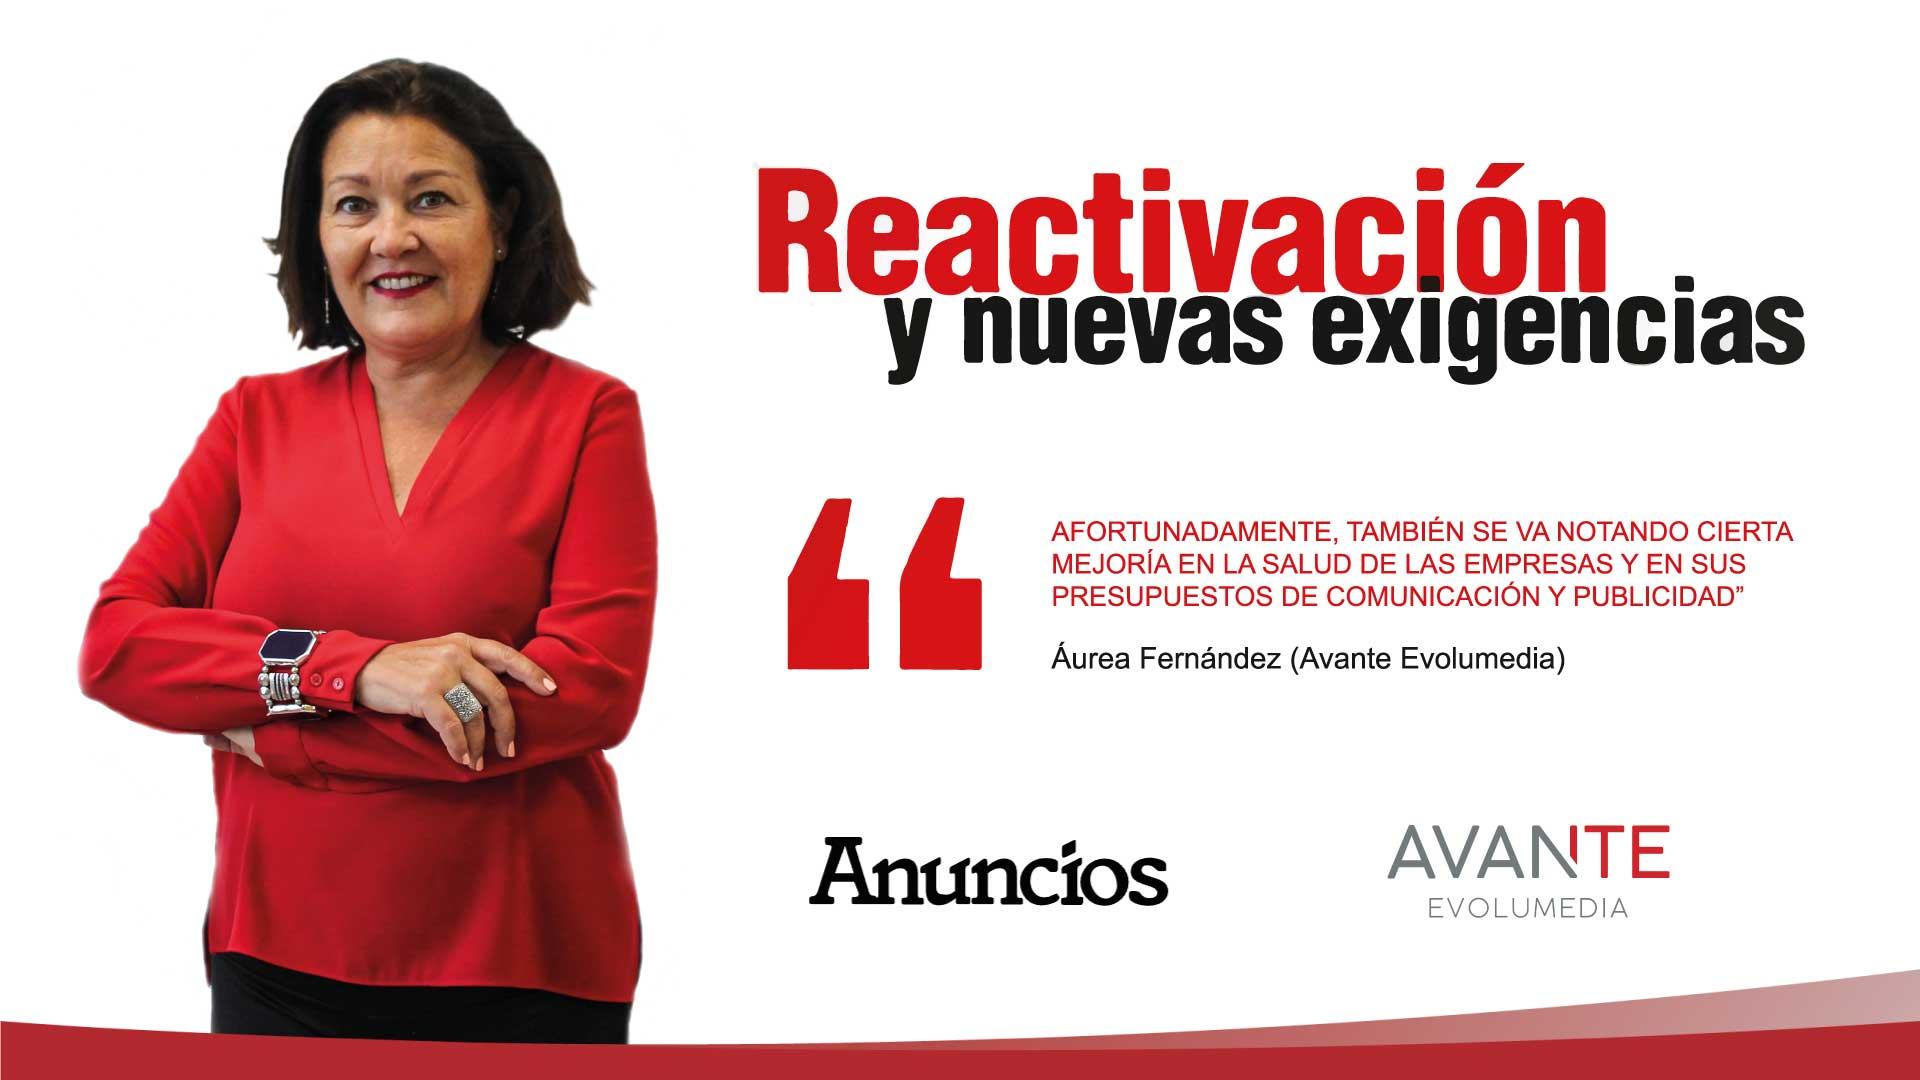 Revista-Anuncios_Aurea-fernandez_Avante-Evolumedia